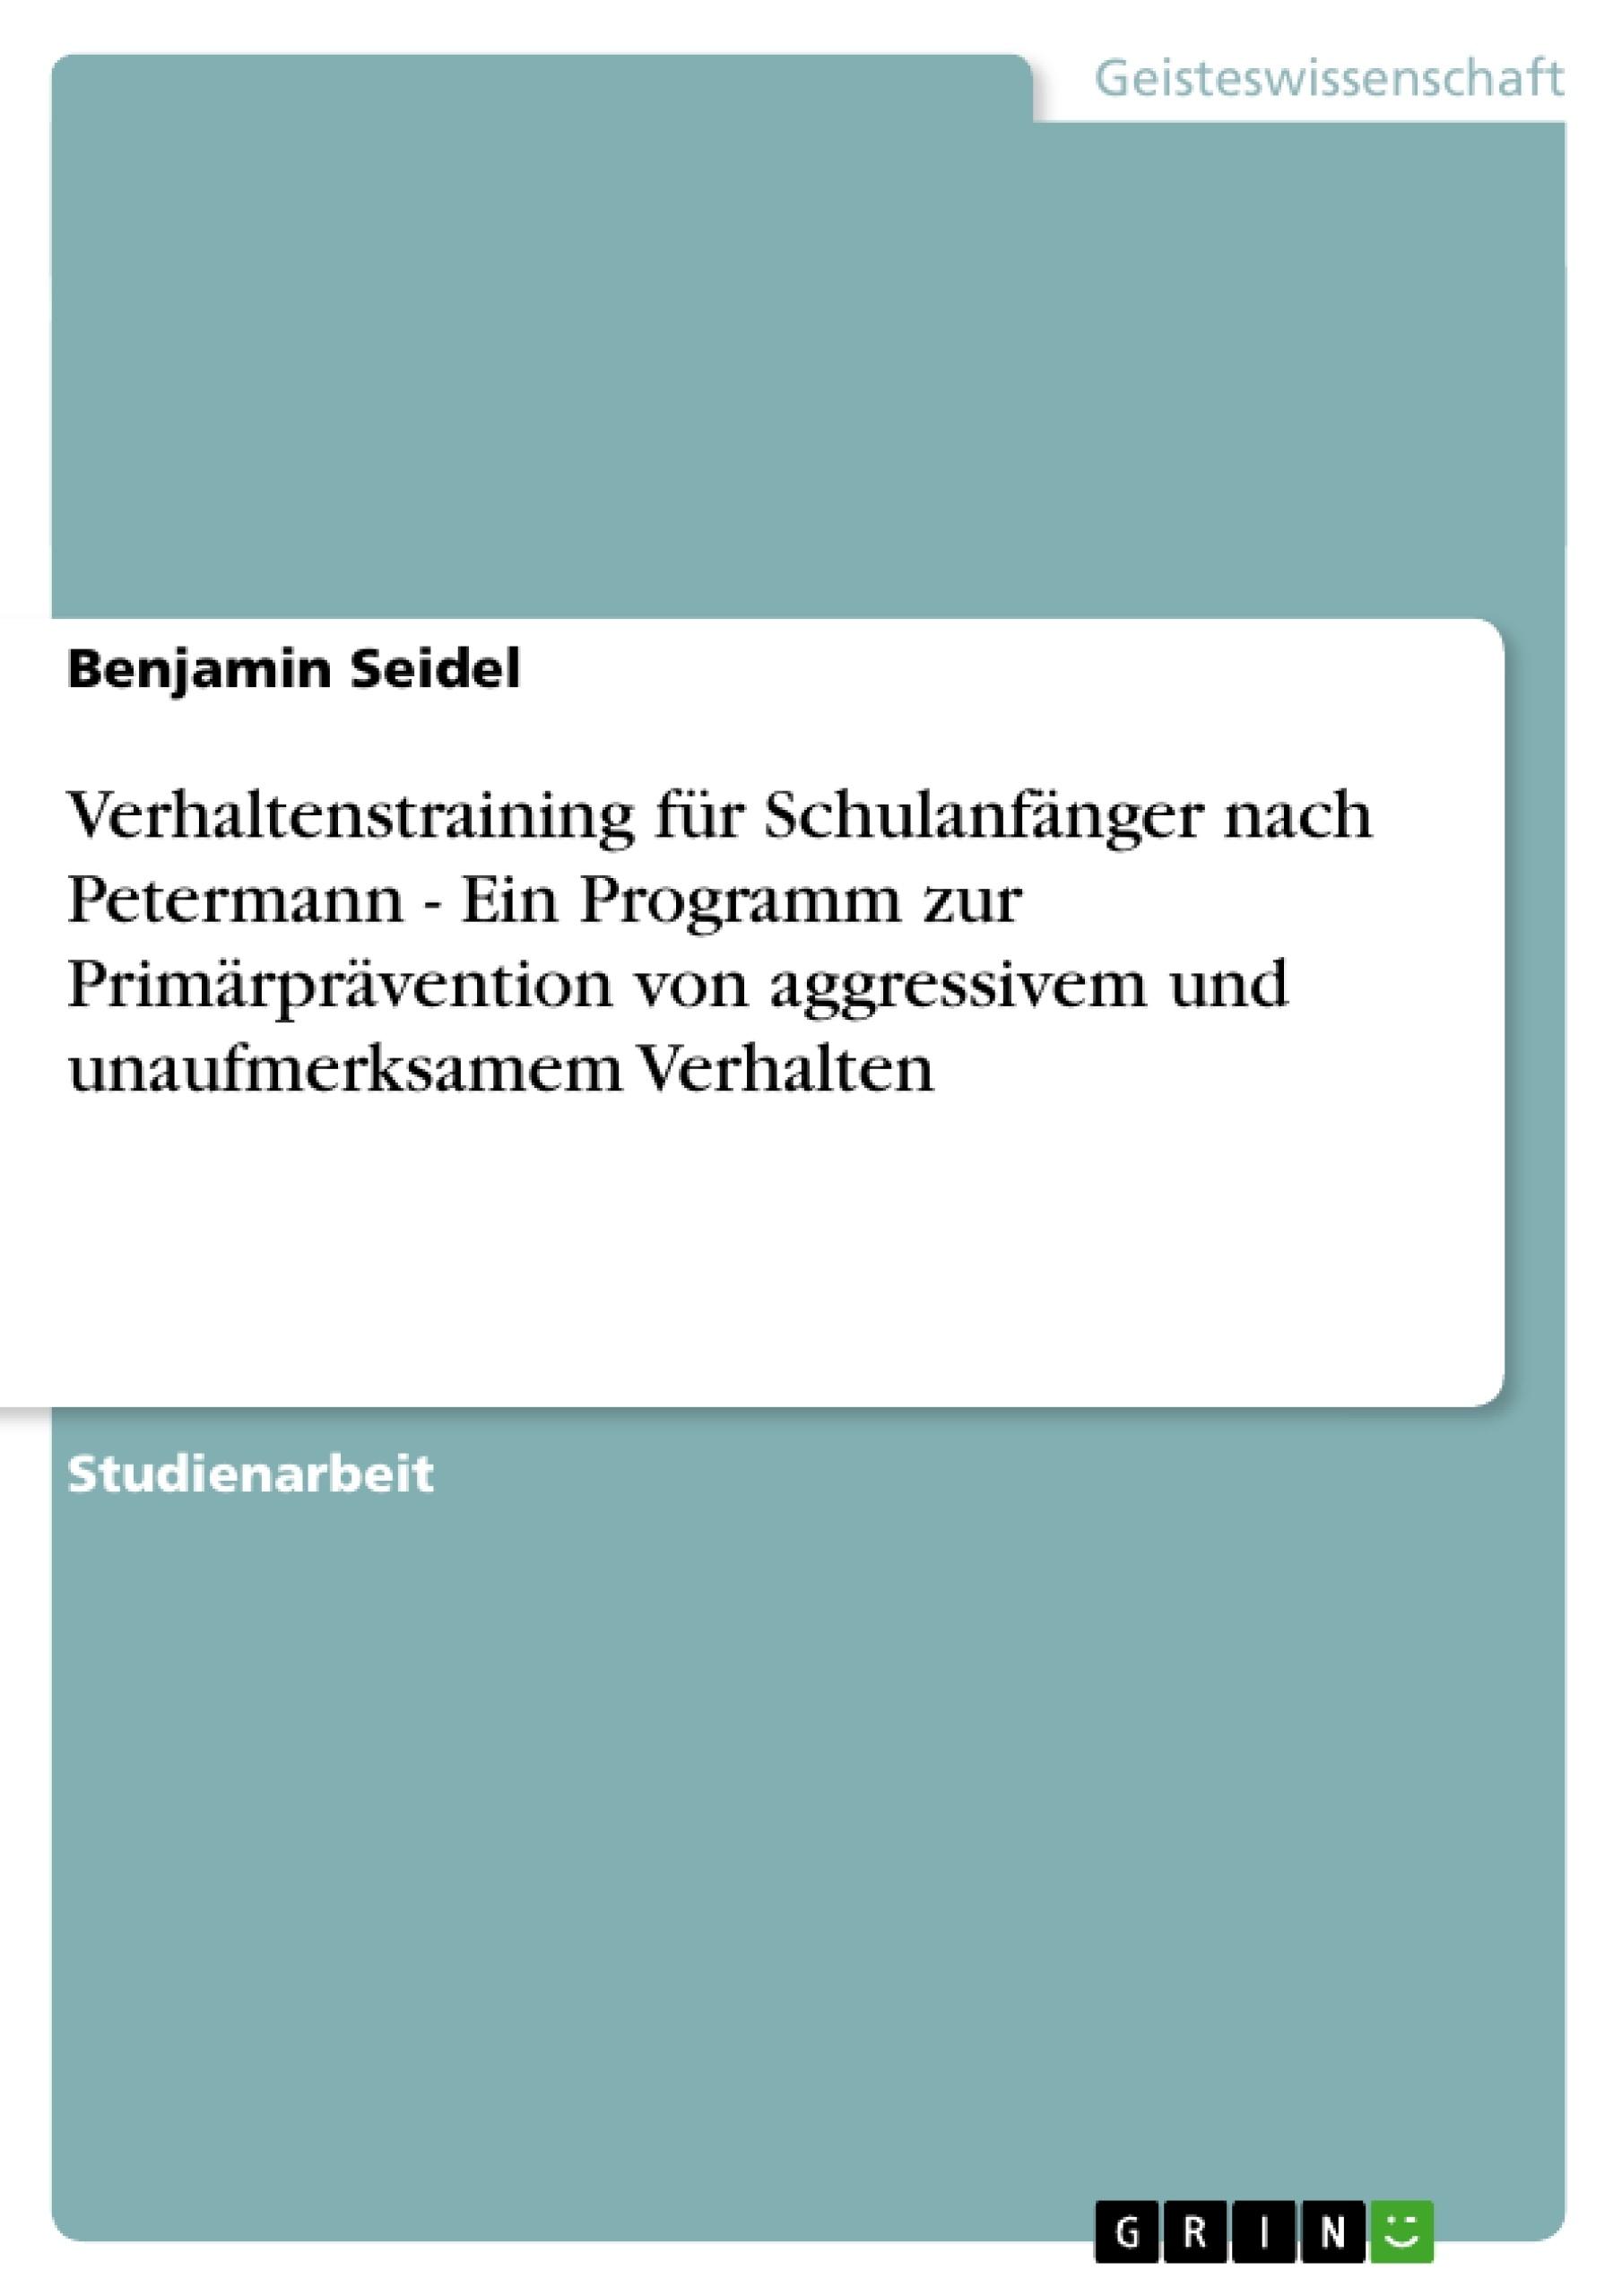 Titel: Verhaltenstraining für Schulanfänger nach Petermann - Ein Programm zur Primärprävention von aggressivem und unaufmerksamem Verhalten